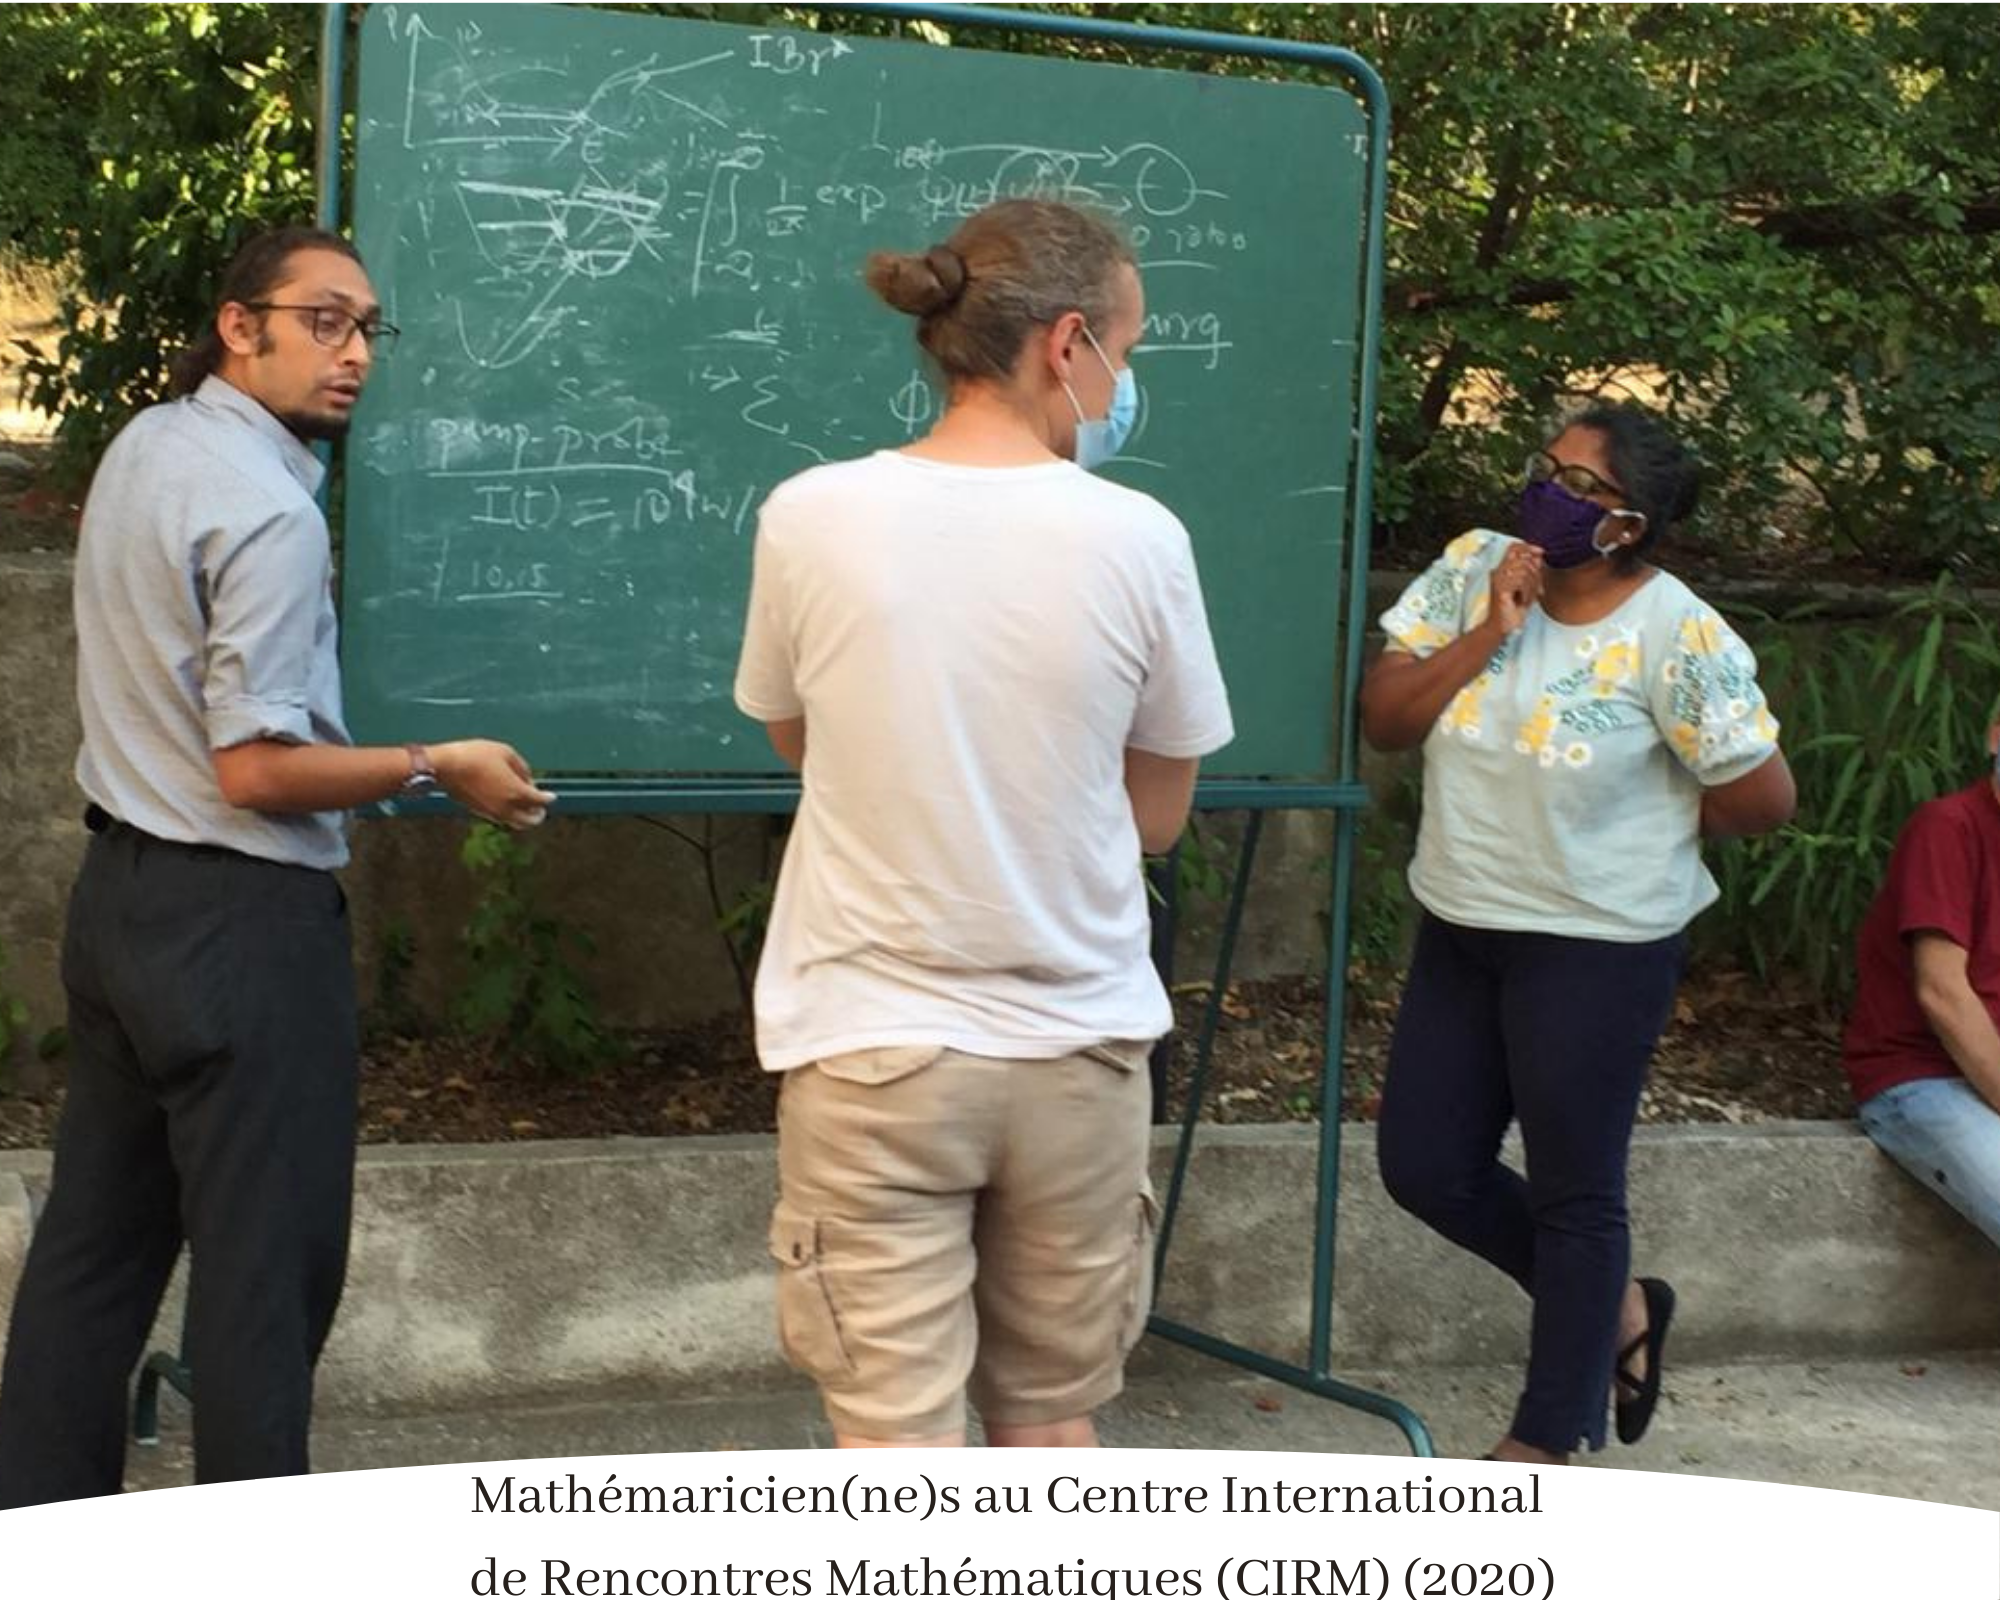 Mathématicien(ne)s au Centre International de Rencontres Mathématiques (2020), Clotilde Fermanian